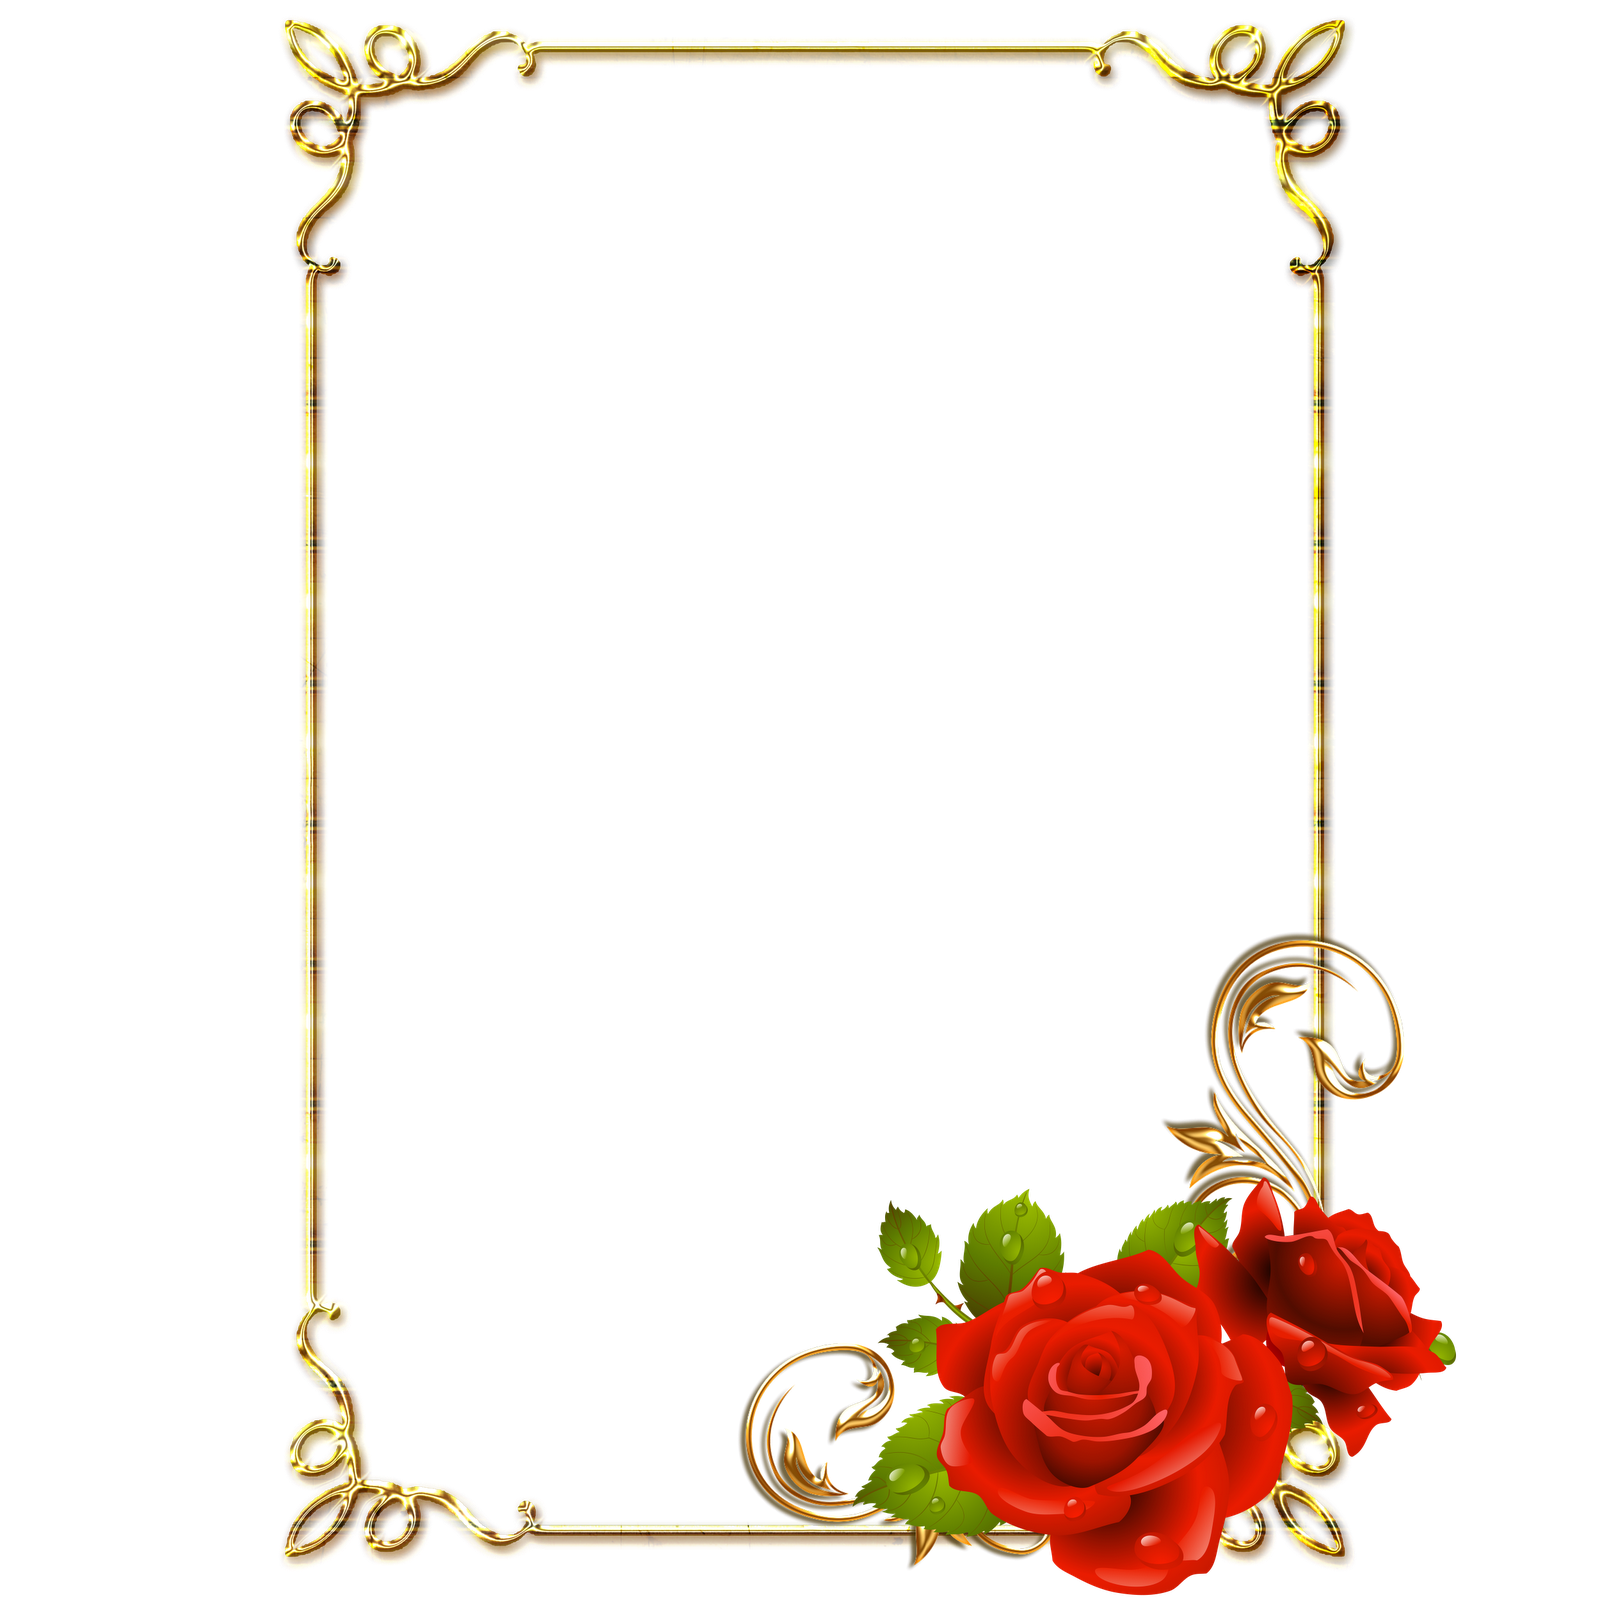 Imagens para photoshop: Frames PNG douradas com rosa vermelhas ...